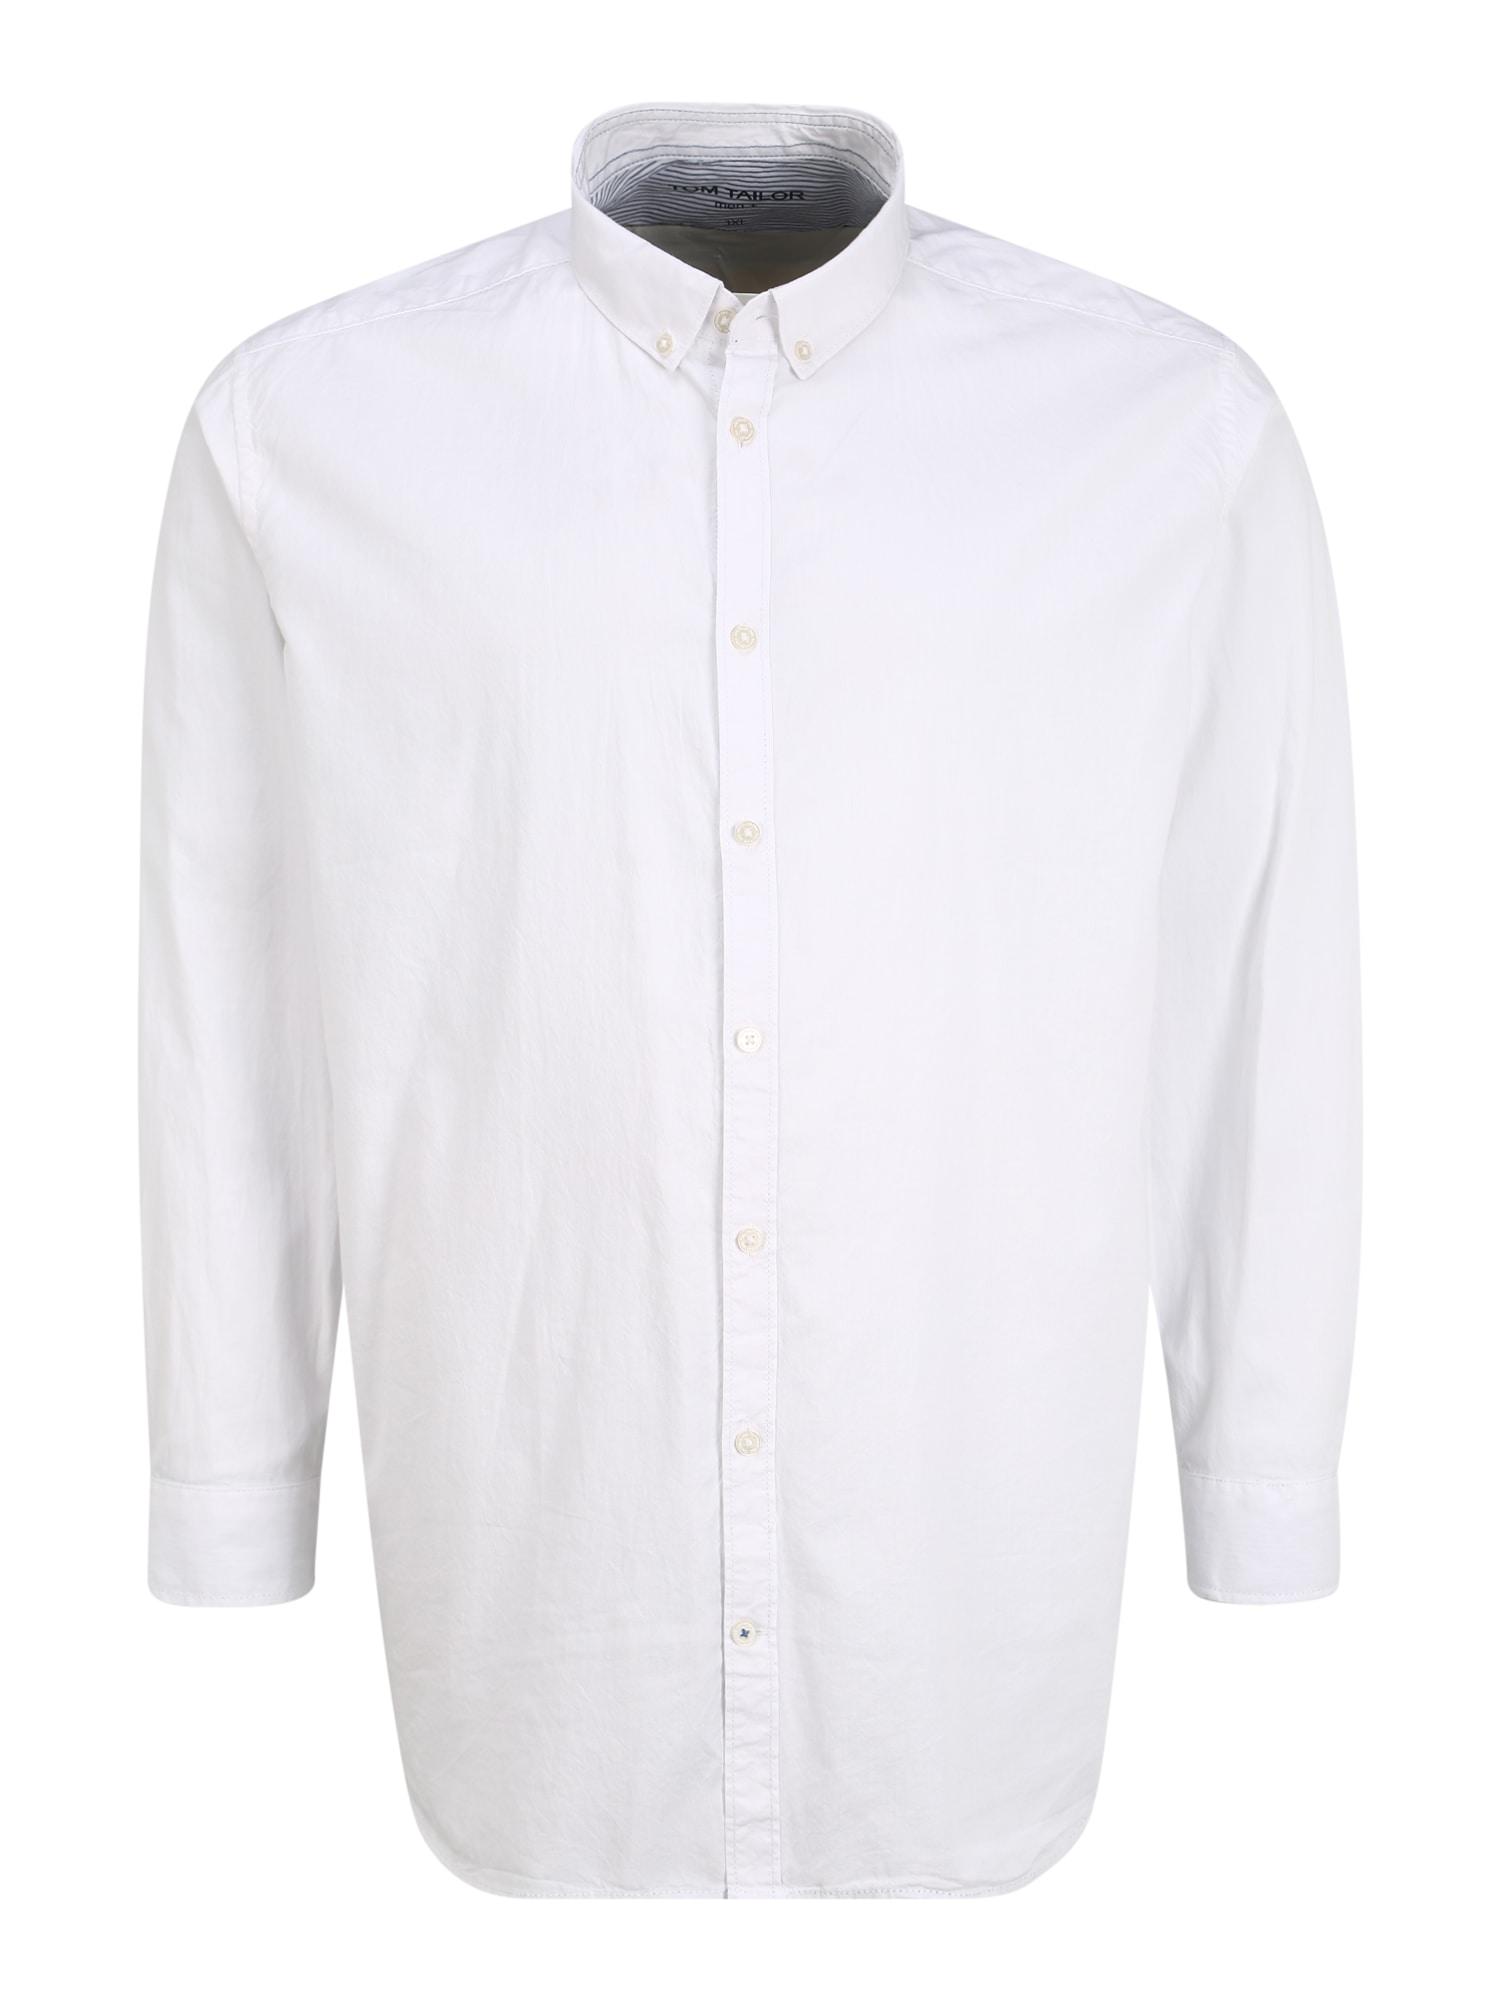 TOM TAILOR Košeľa 'Oxford'  biela